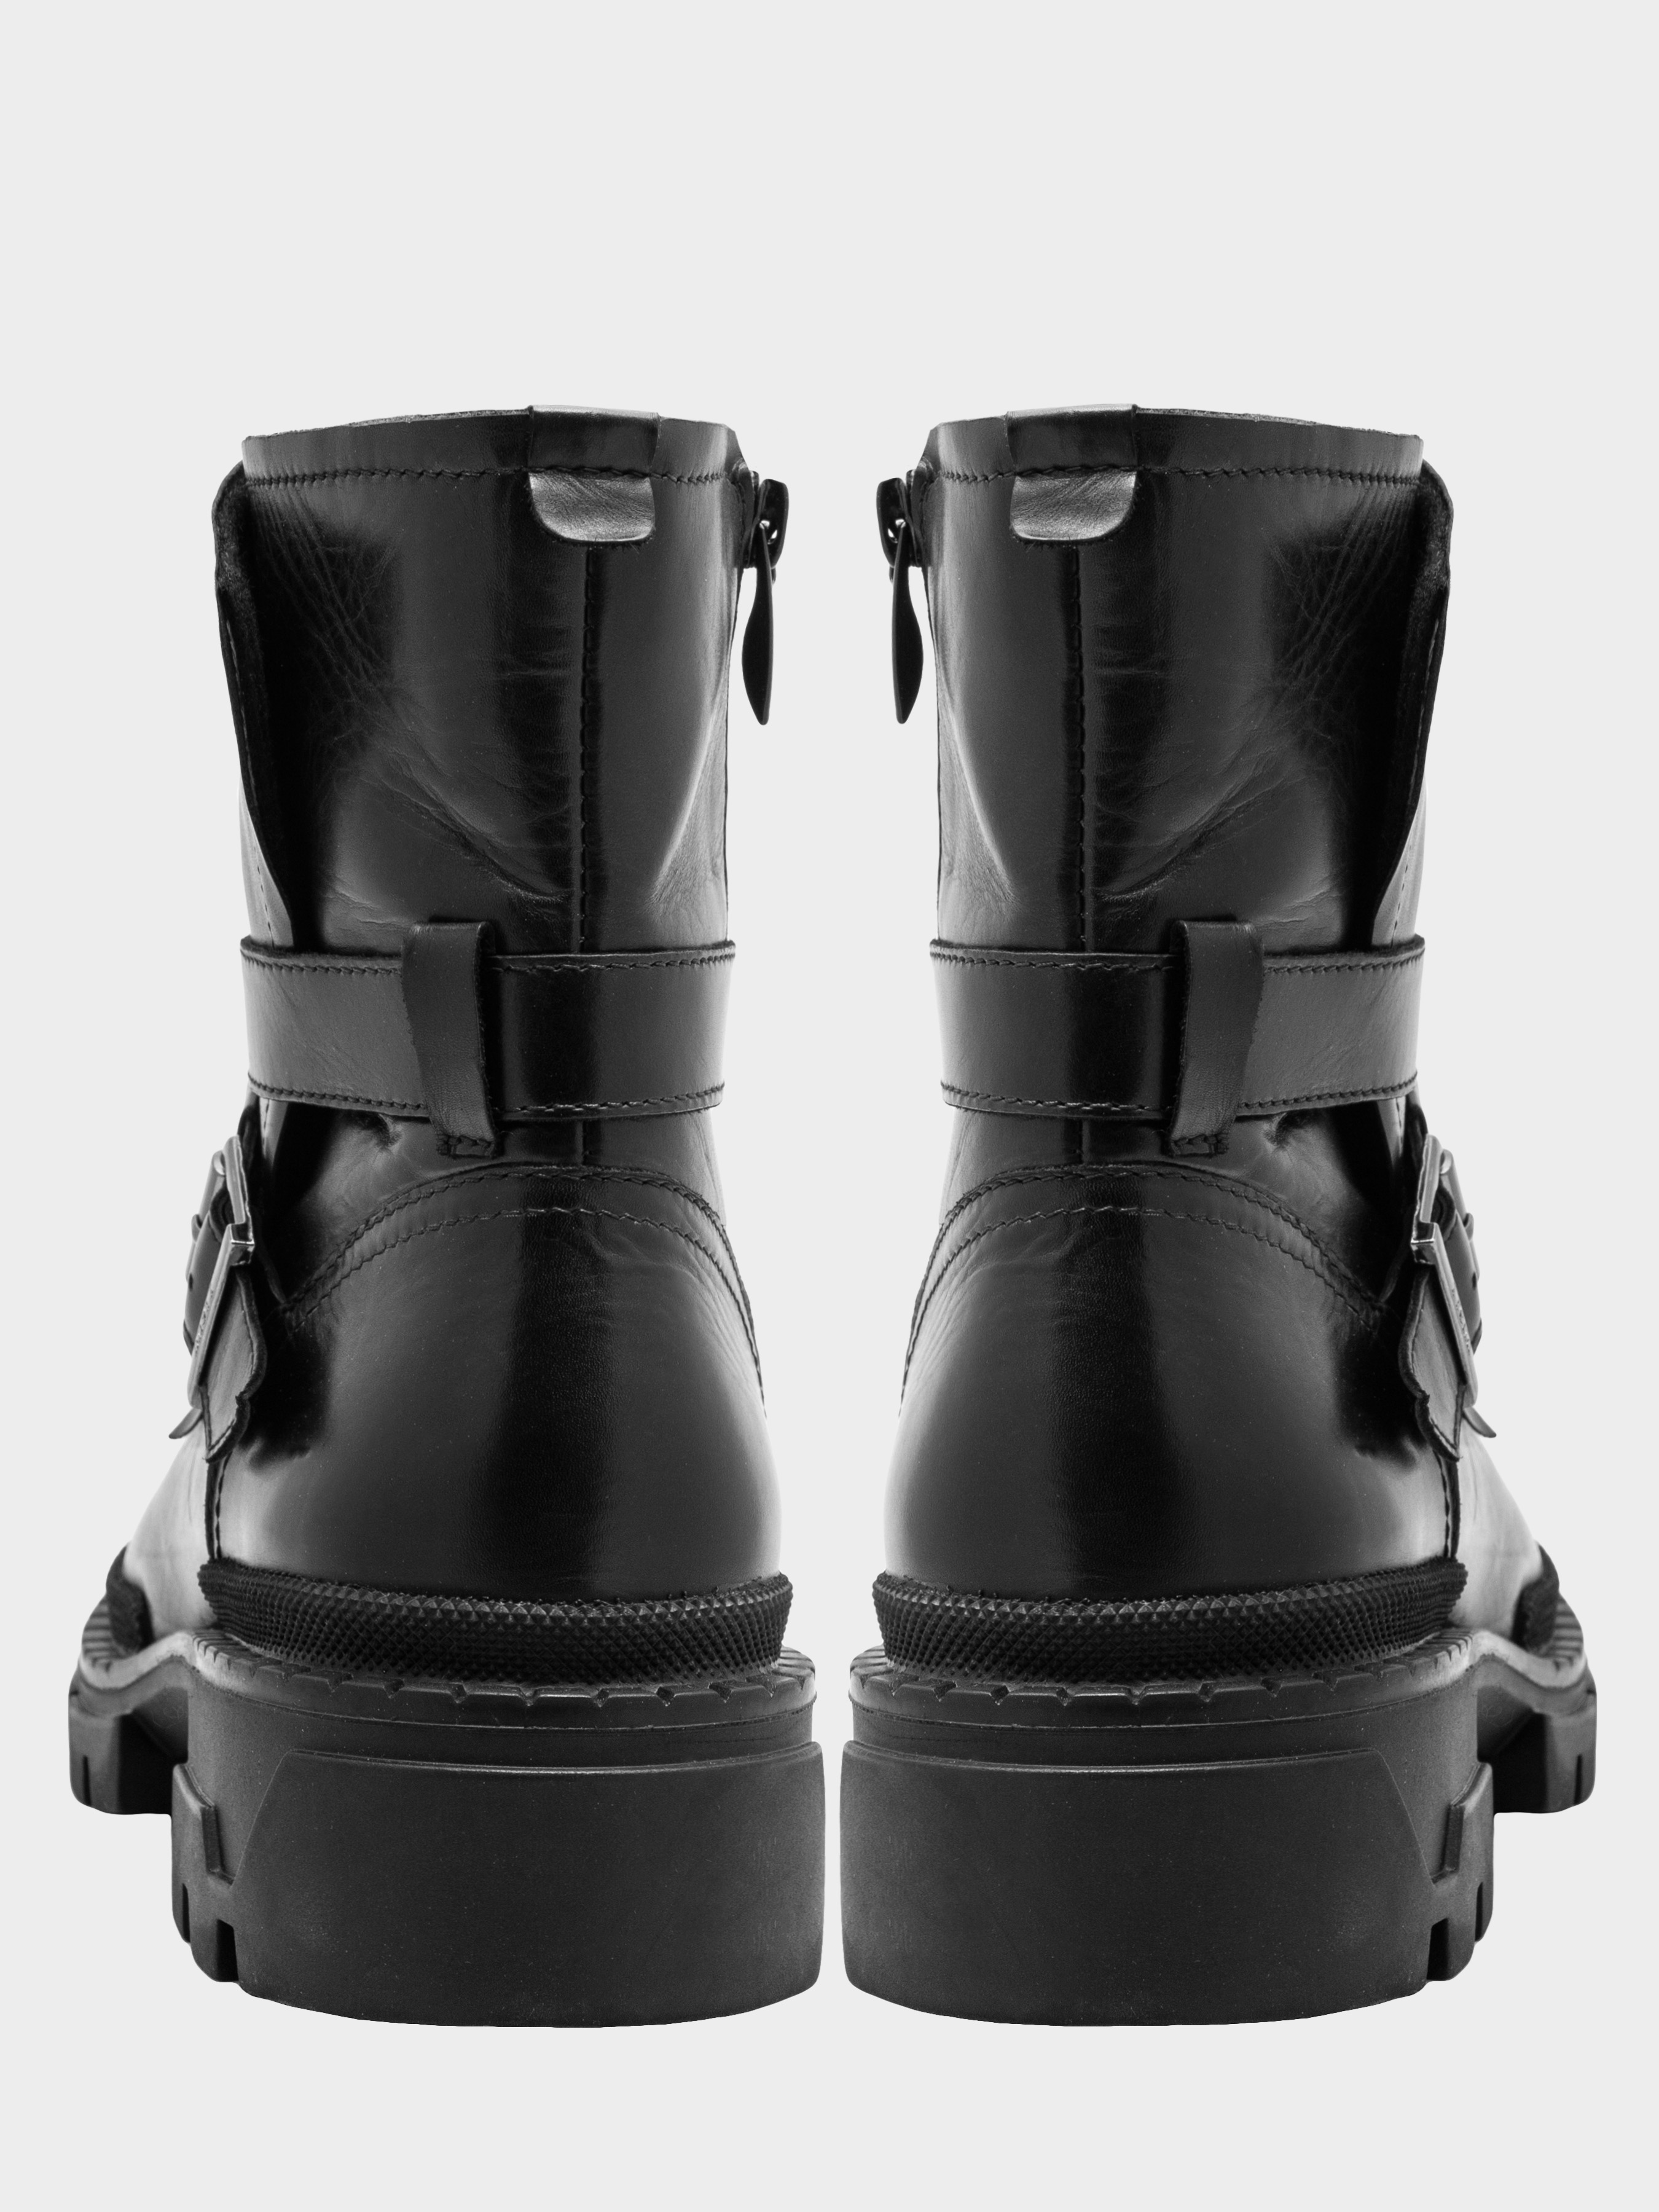 Ботинки для женщин Ботинки женские ENZO VERRATTI 18-7449-4 брендовая обувь, 2017